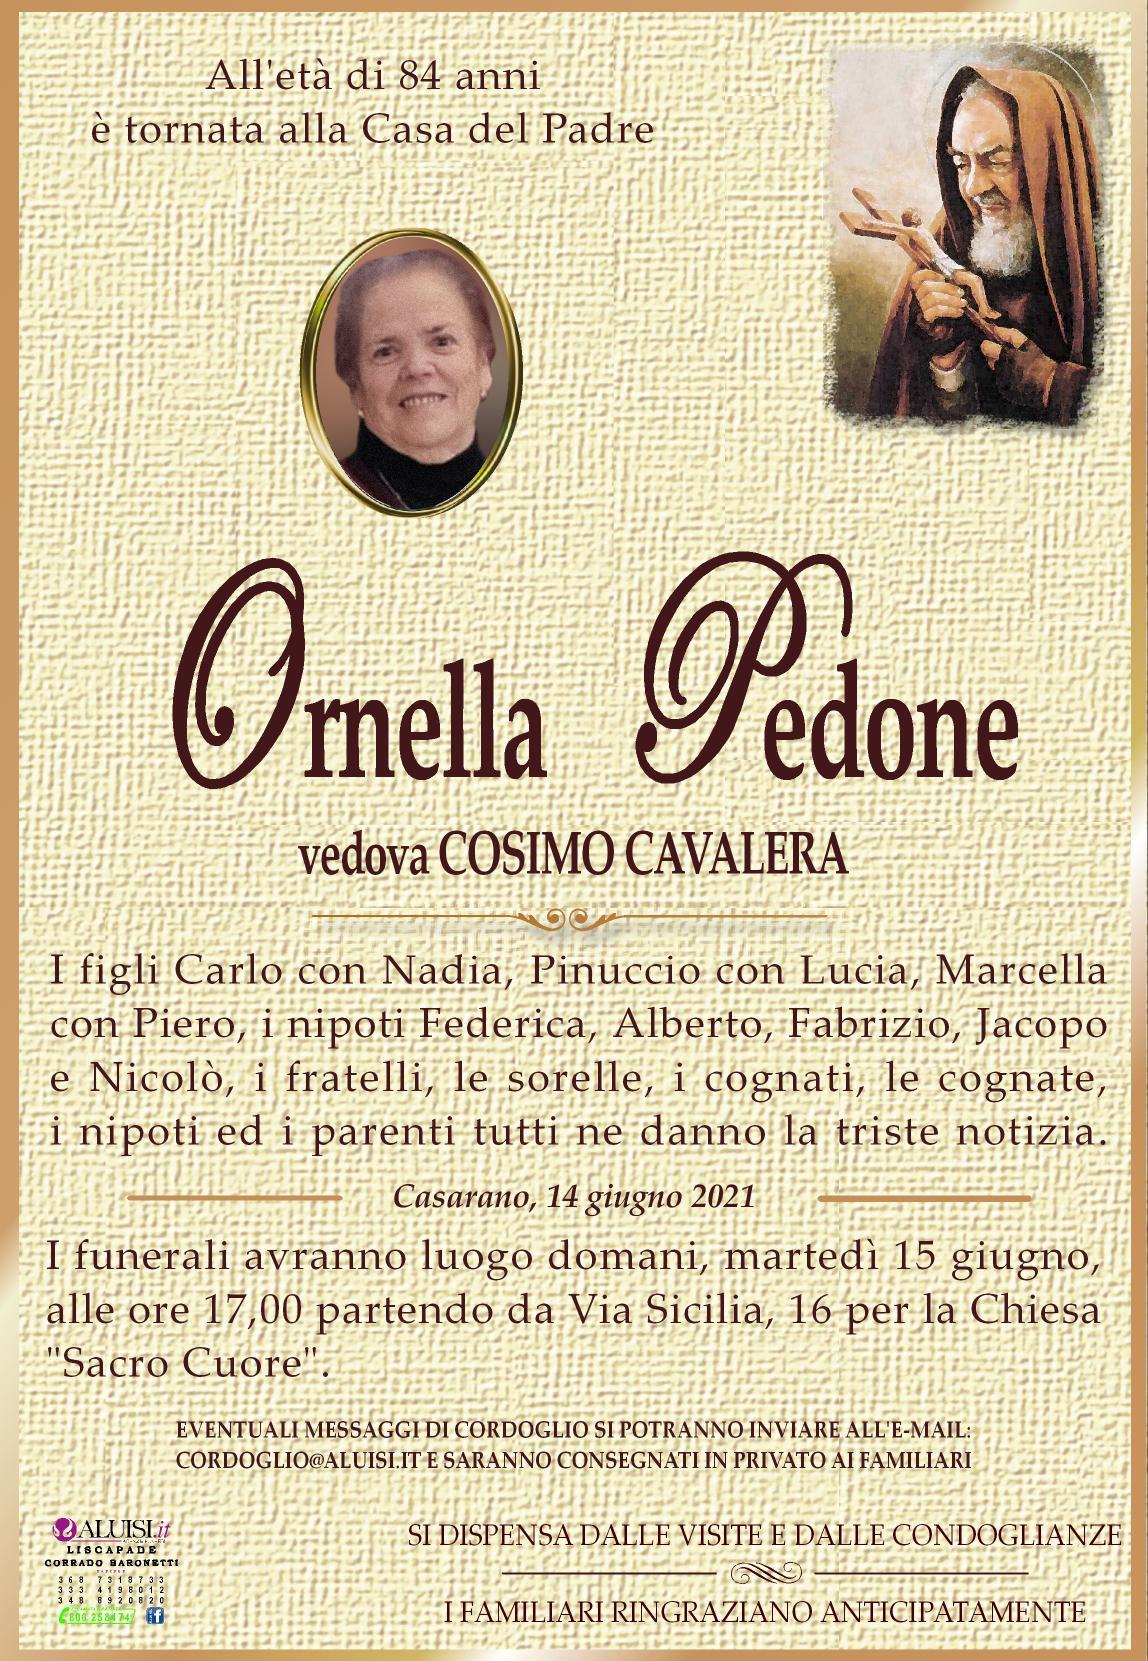 Annuncio-ORNELLA-PEDONE-CASARANO.jpg